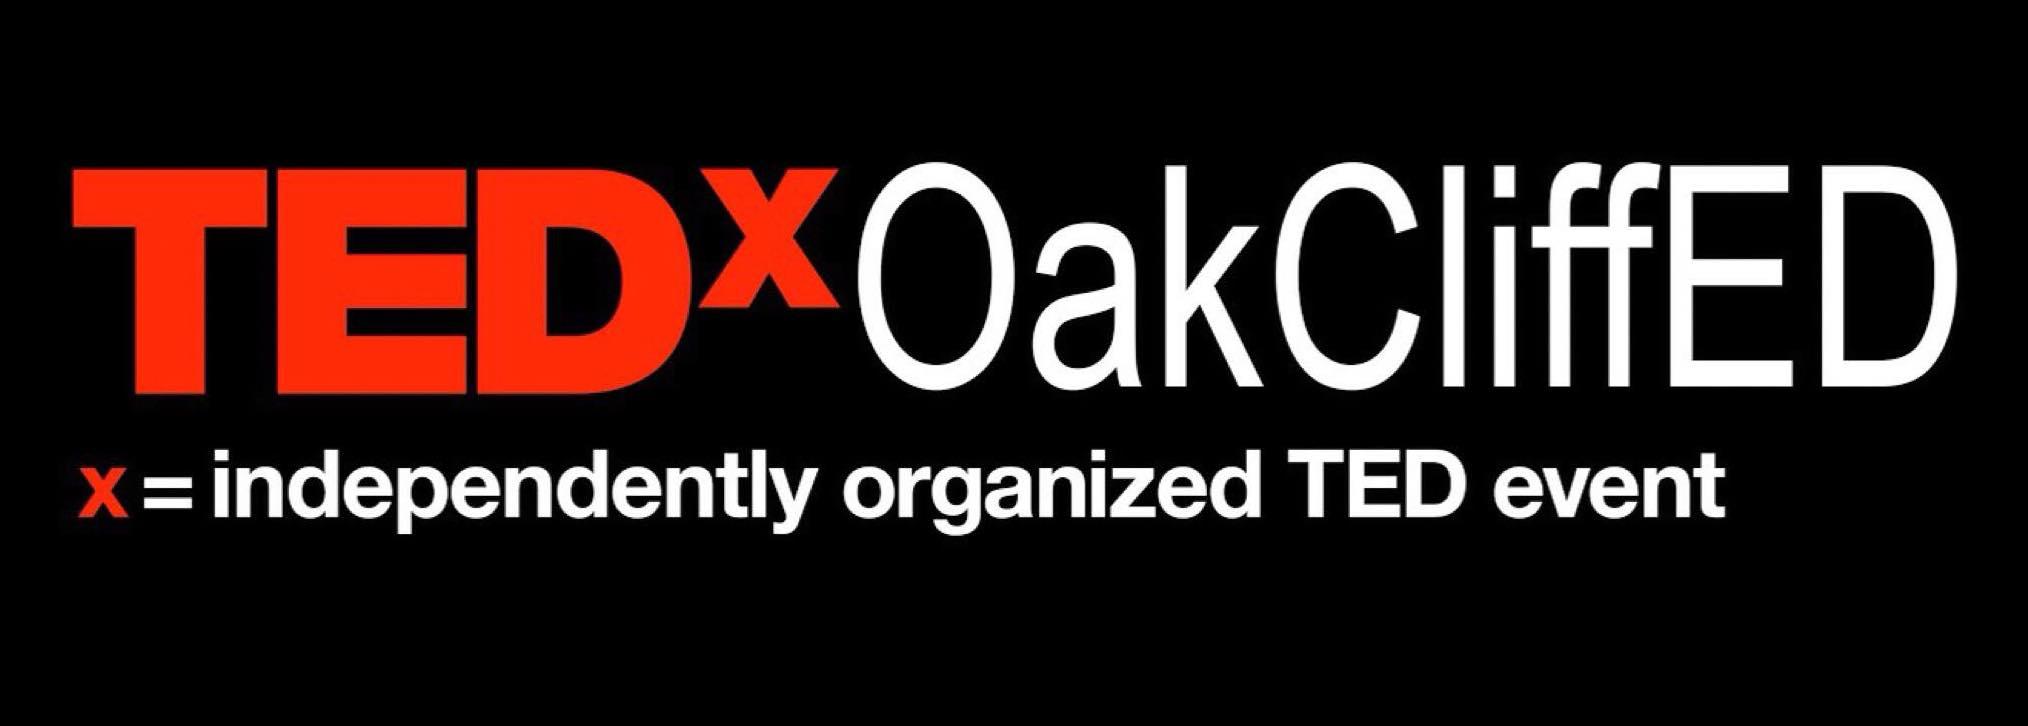 TEDx Oak CliffED.jpg